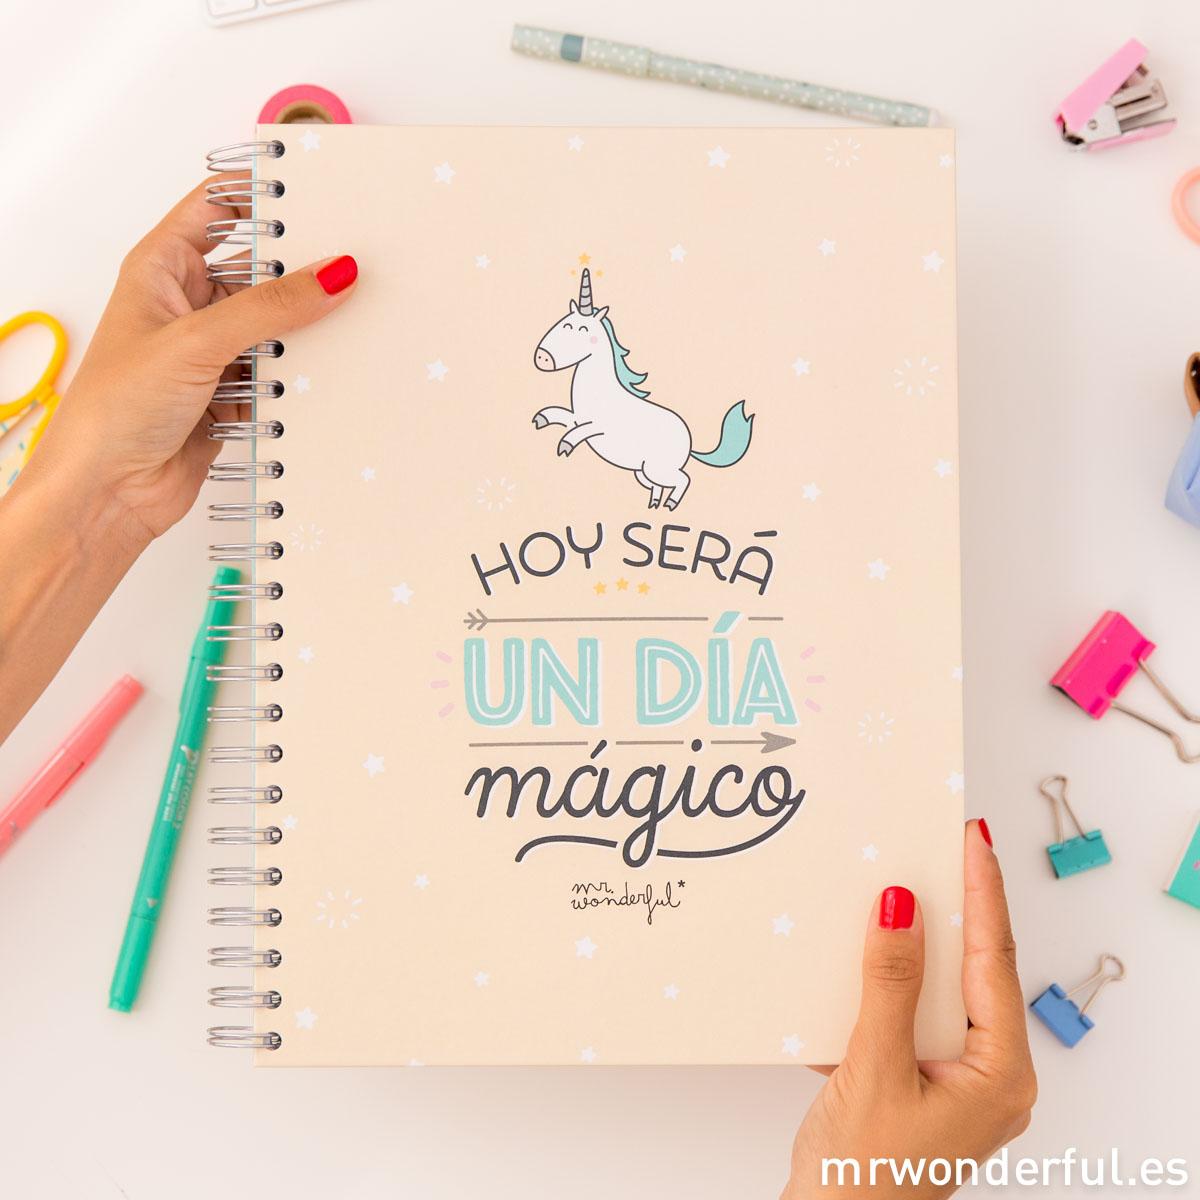 mrwonderful_8435460707350_WOA03708ES_libreta-grande_hoy-sera-un-dia-magico_CAST-5-Editar